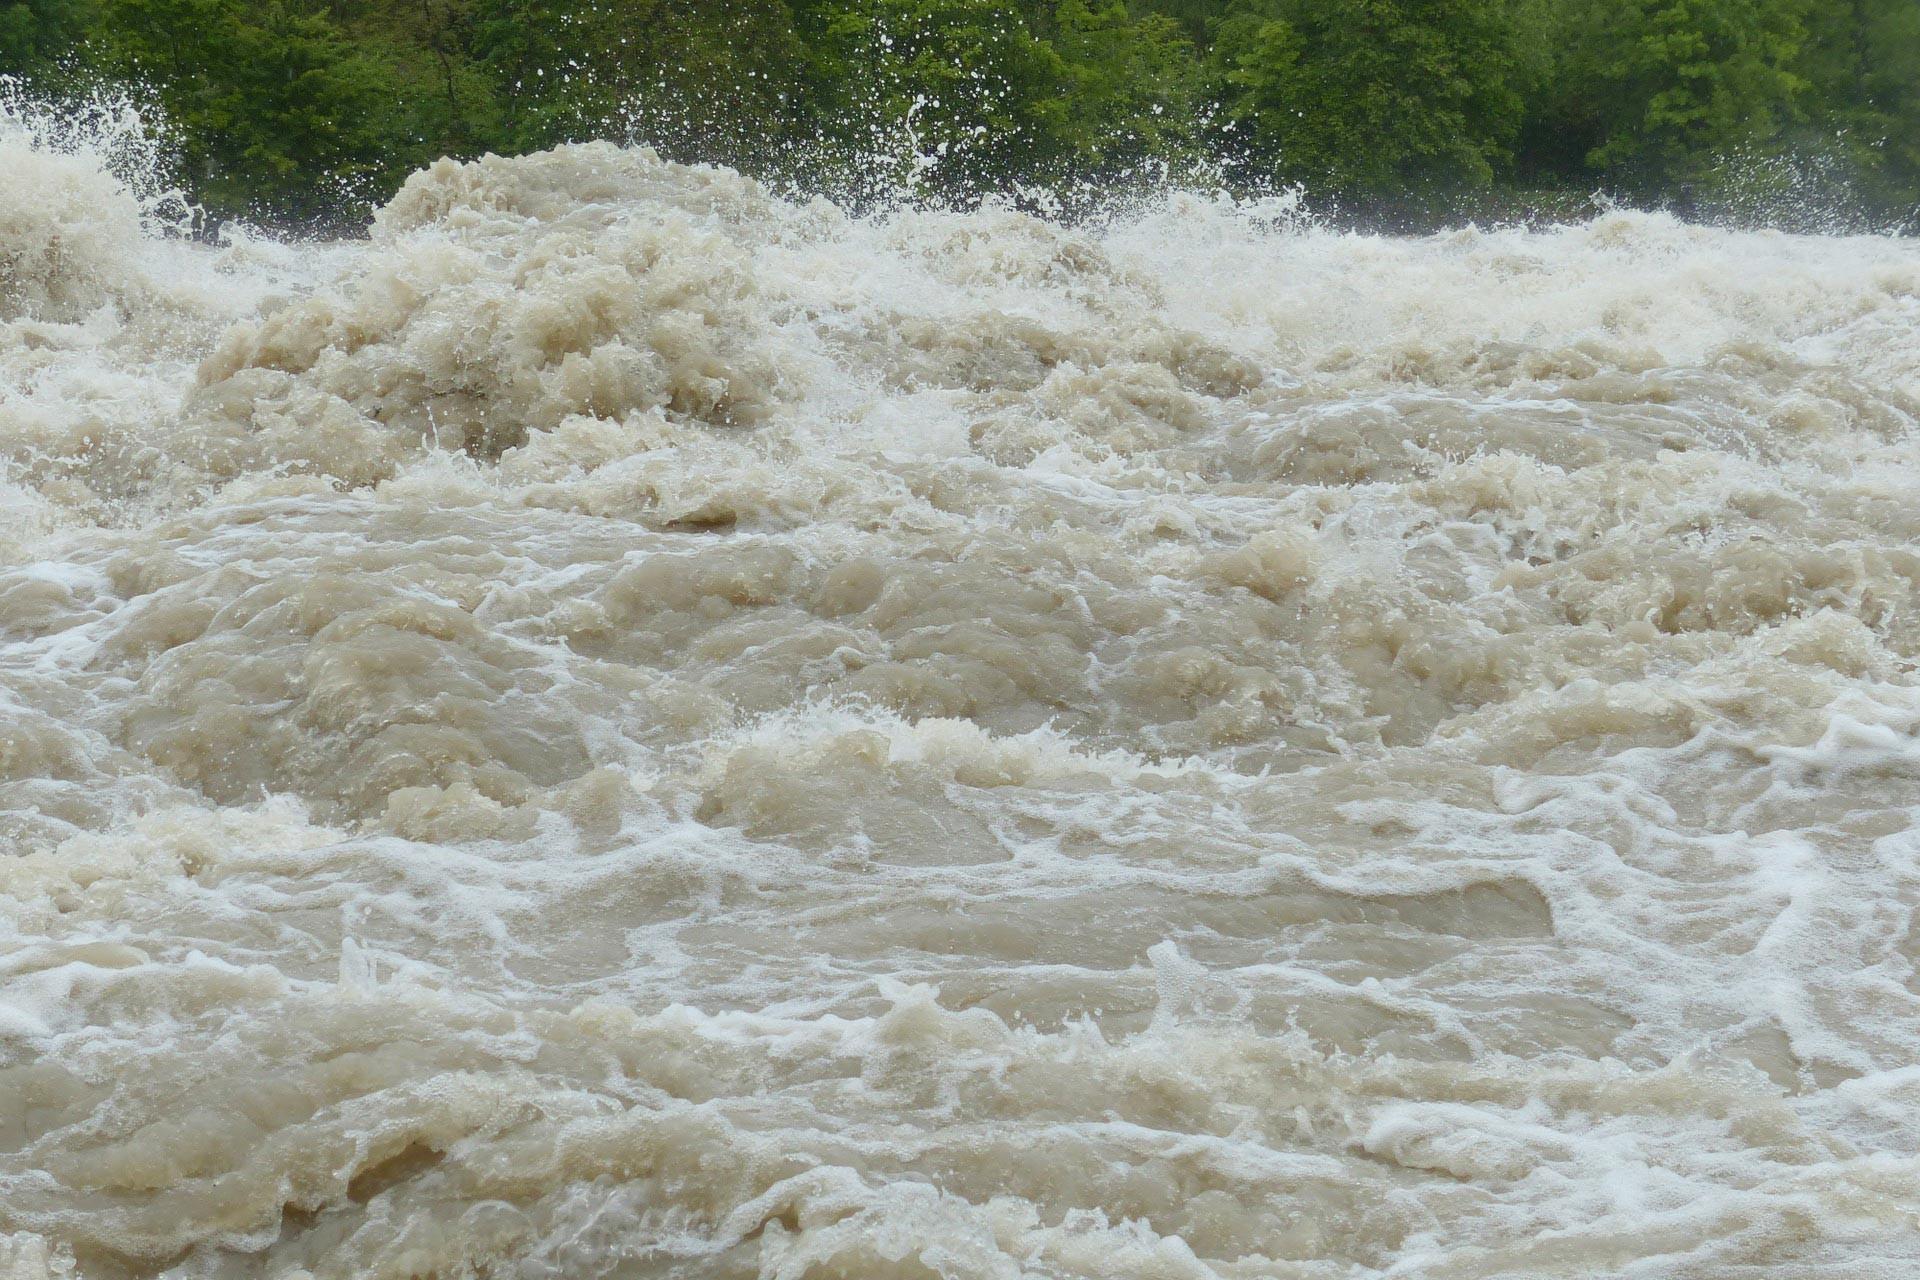 Sel suları (Arşiv görüntüsü)